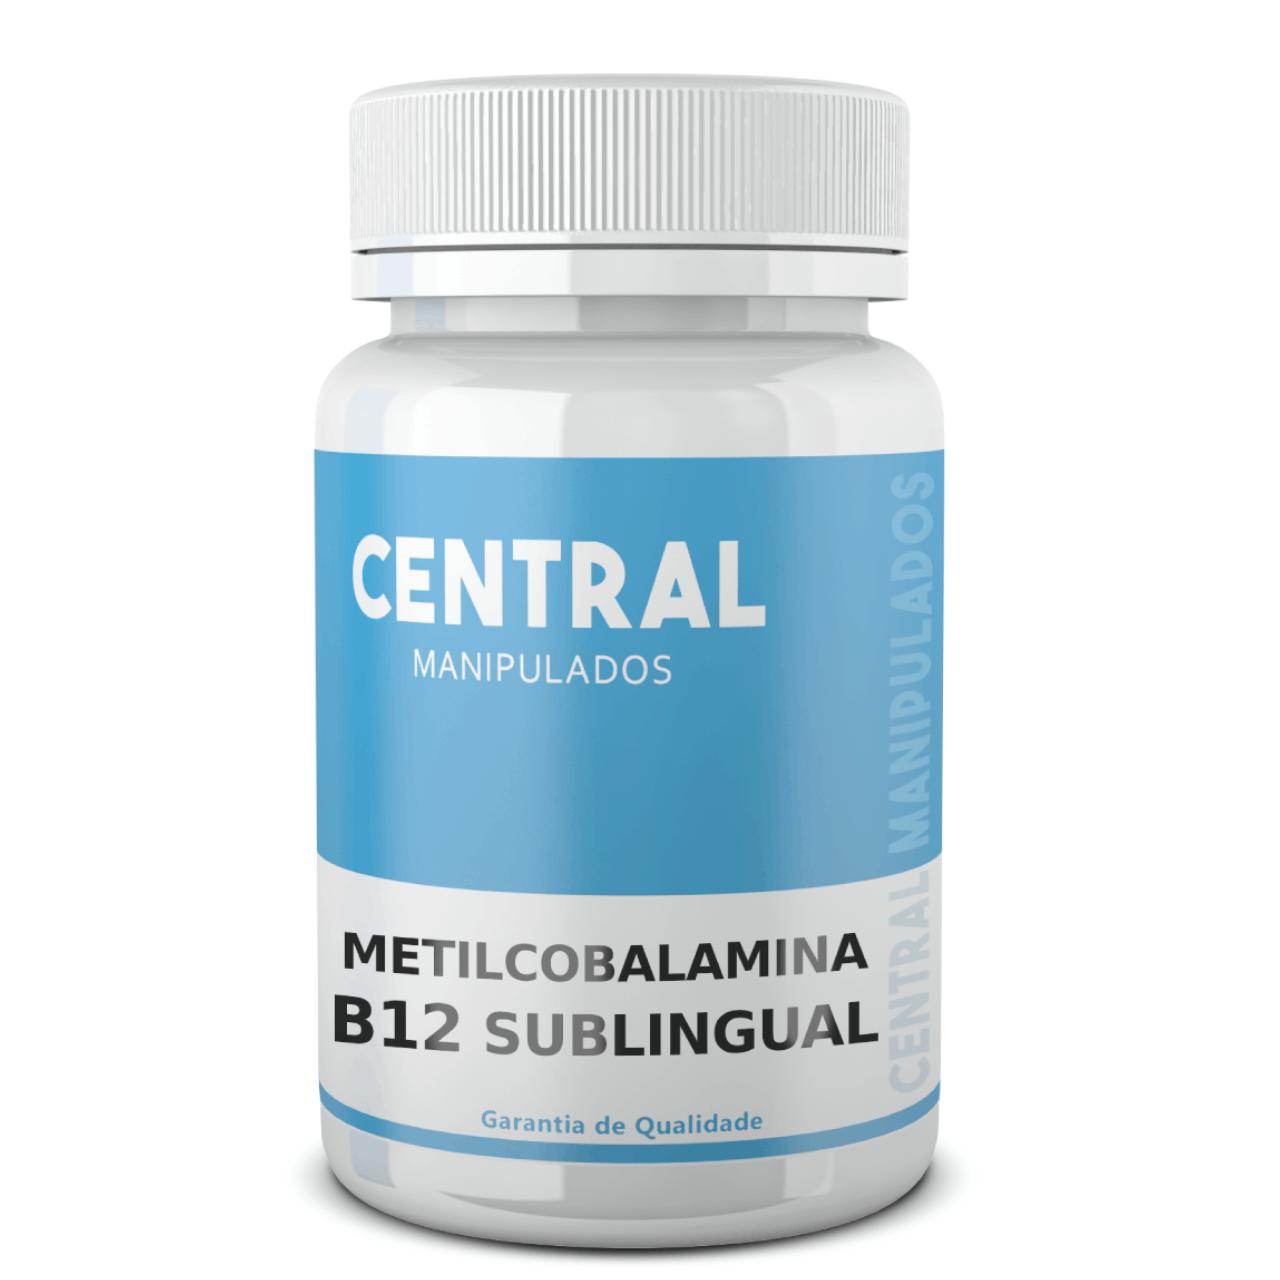 Metilcobalamina 1.000mcg - 60 cápsulas - Vitamina B12 - Sublingual (Tapiocaps)